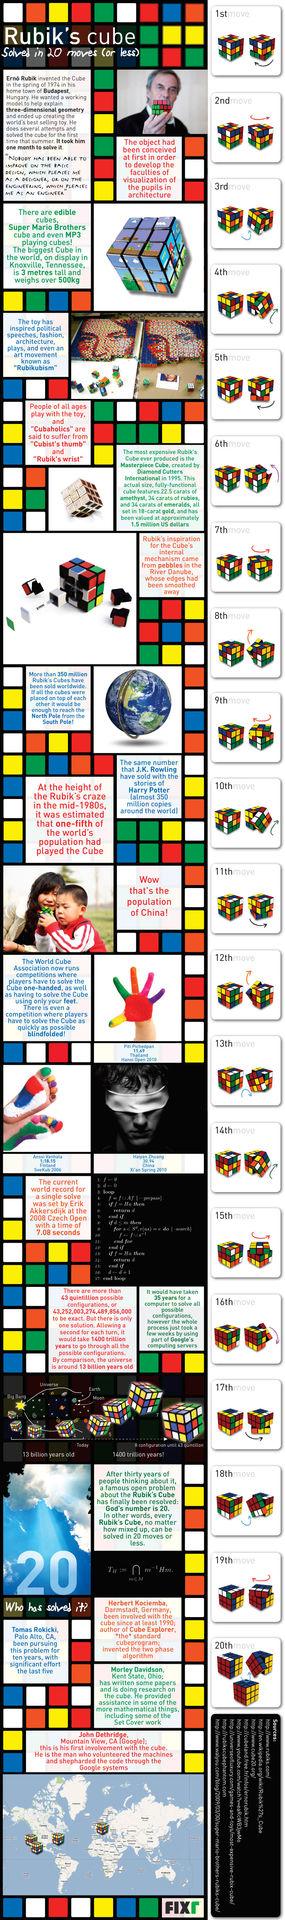 Poleg 20 potez, ki vas bodo pripeljale do barvno usklajene Rubikove kocke, priložena grafika prinaša tudi mnogo zanimivih dejstev povezanih s to